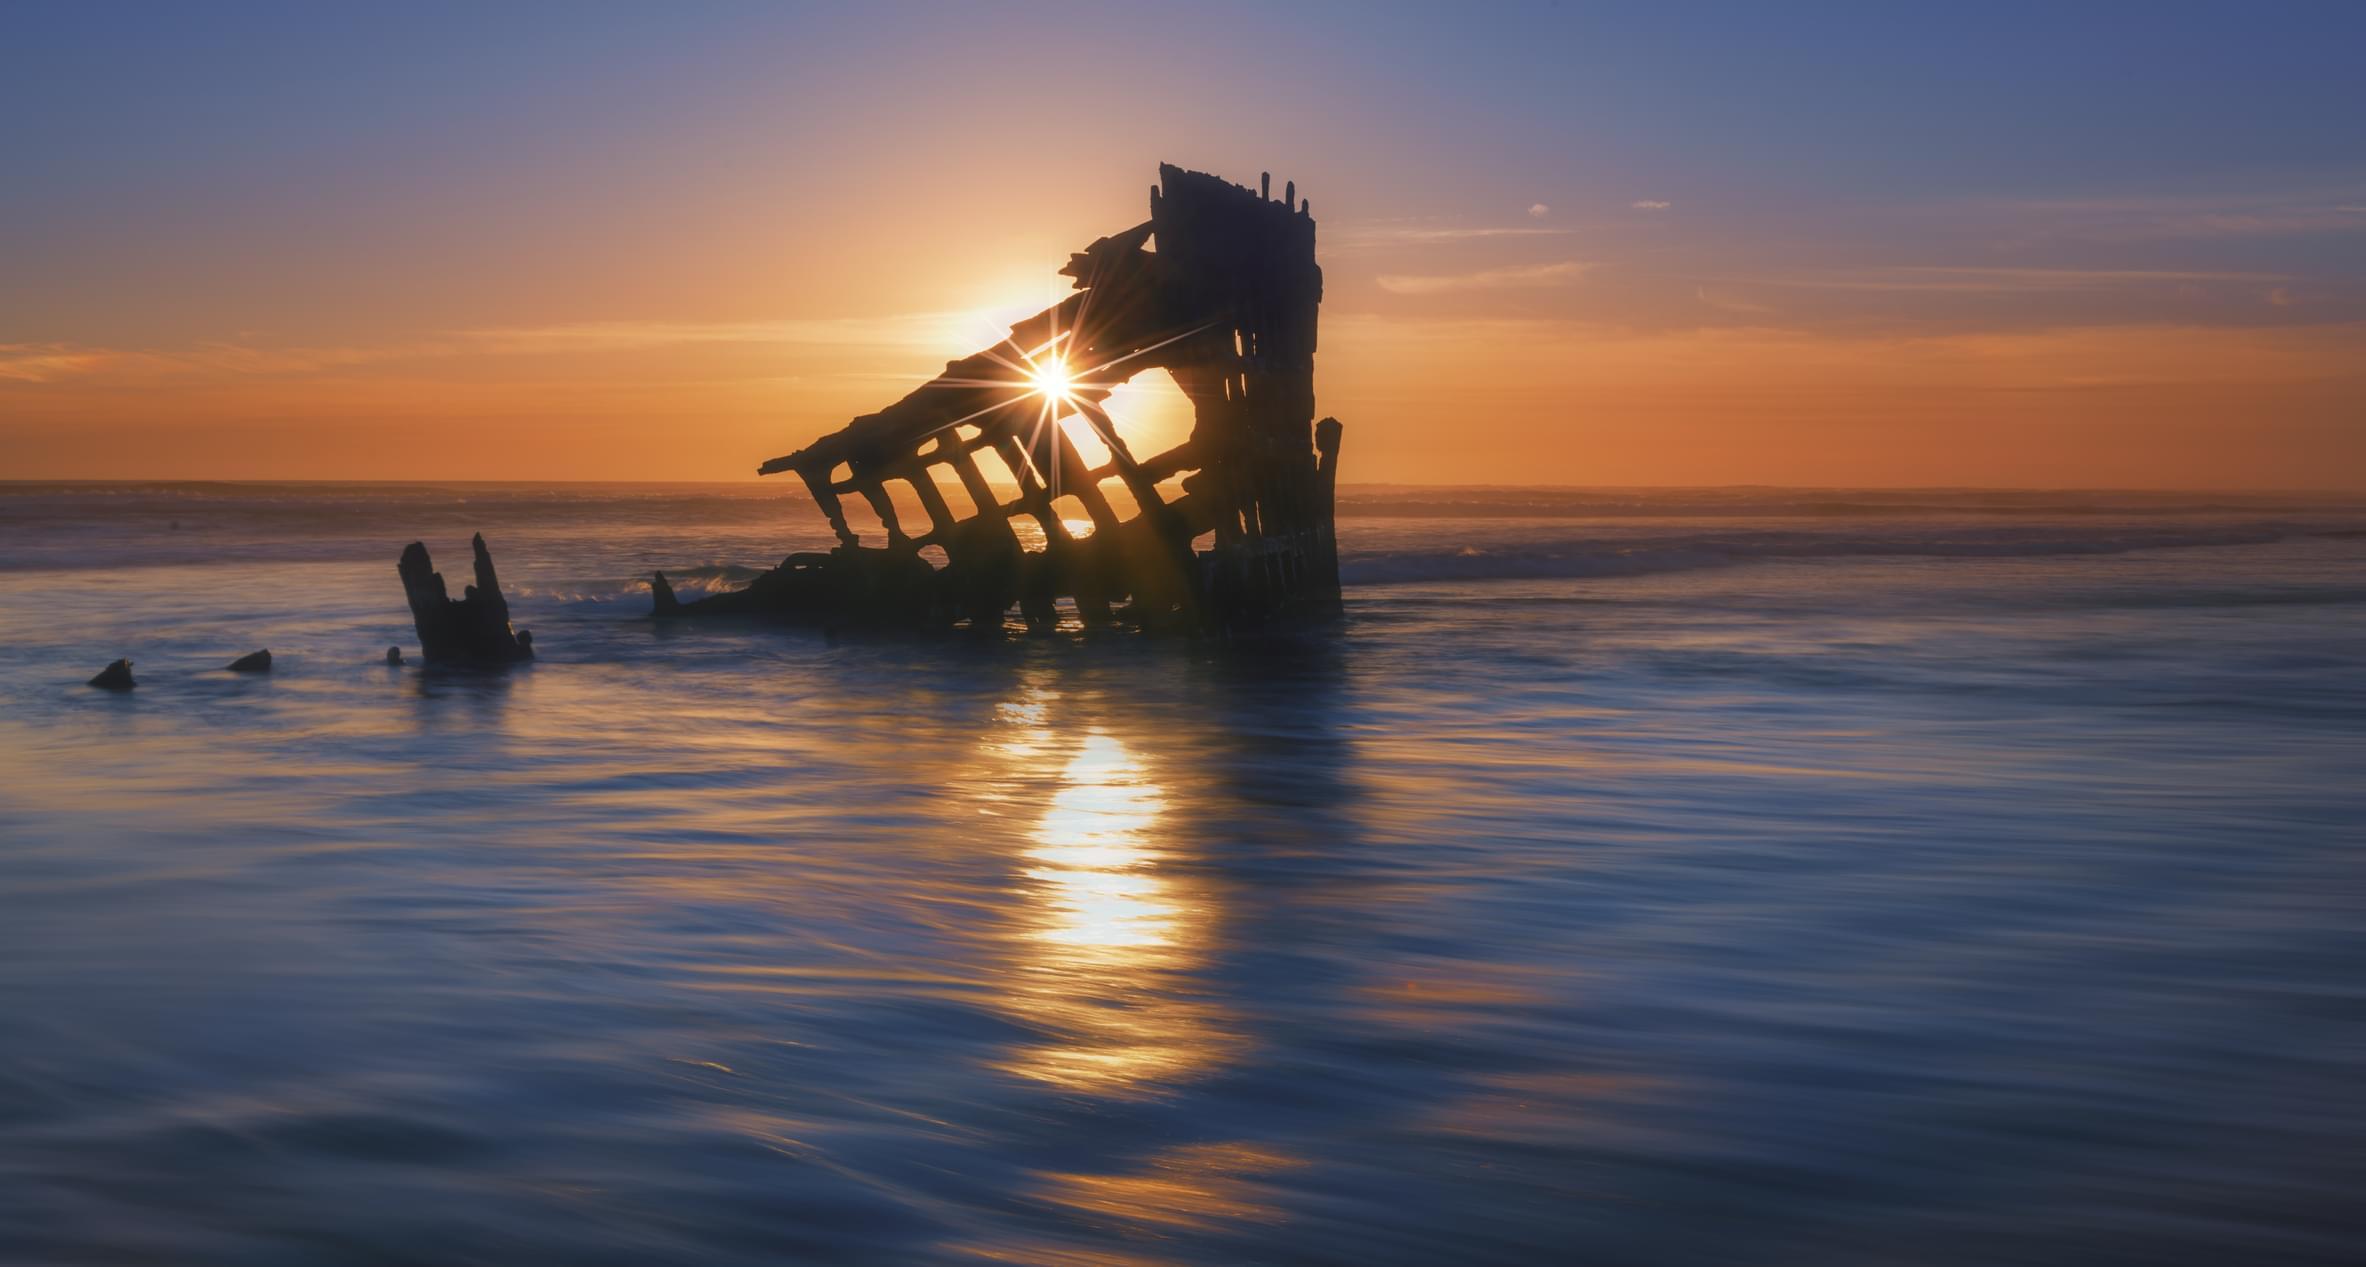 Les restes du navire Peter Iredale